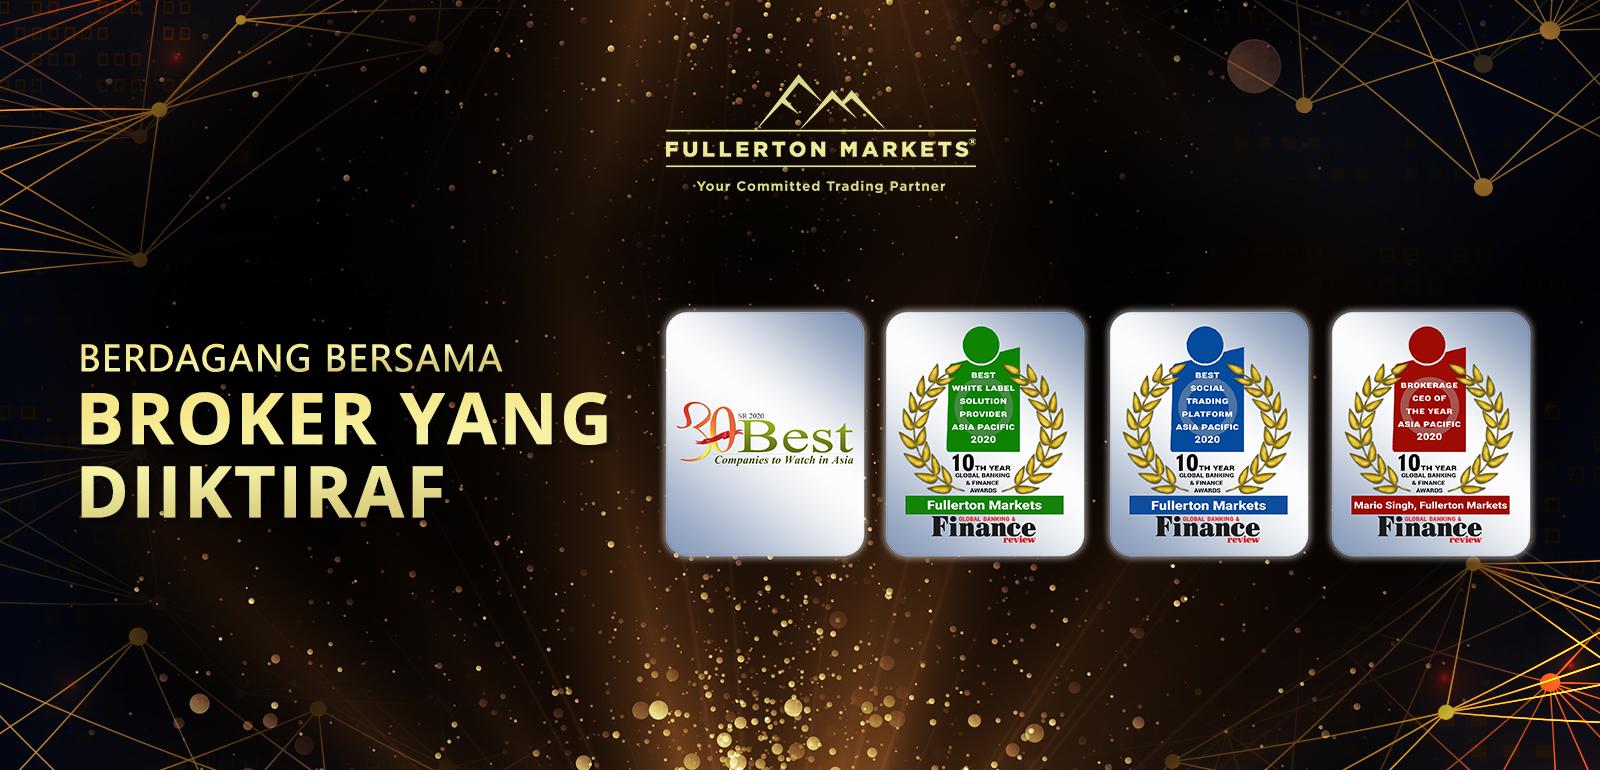 World Finance Awards